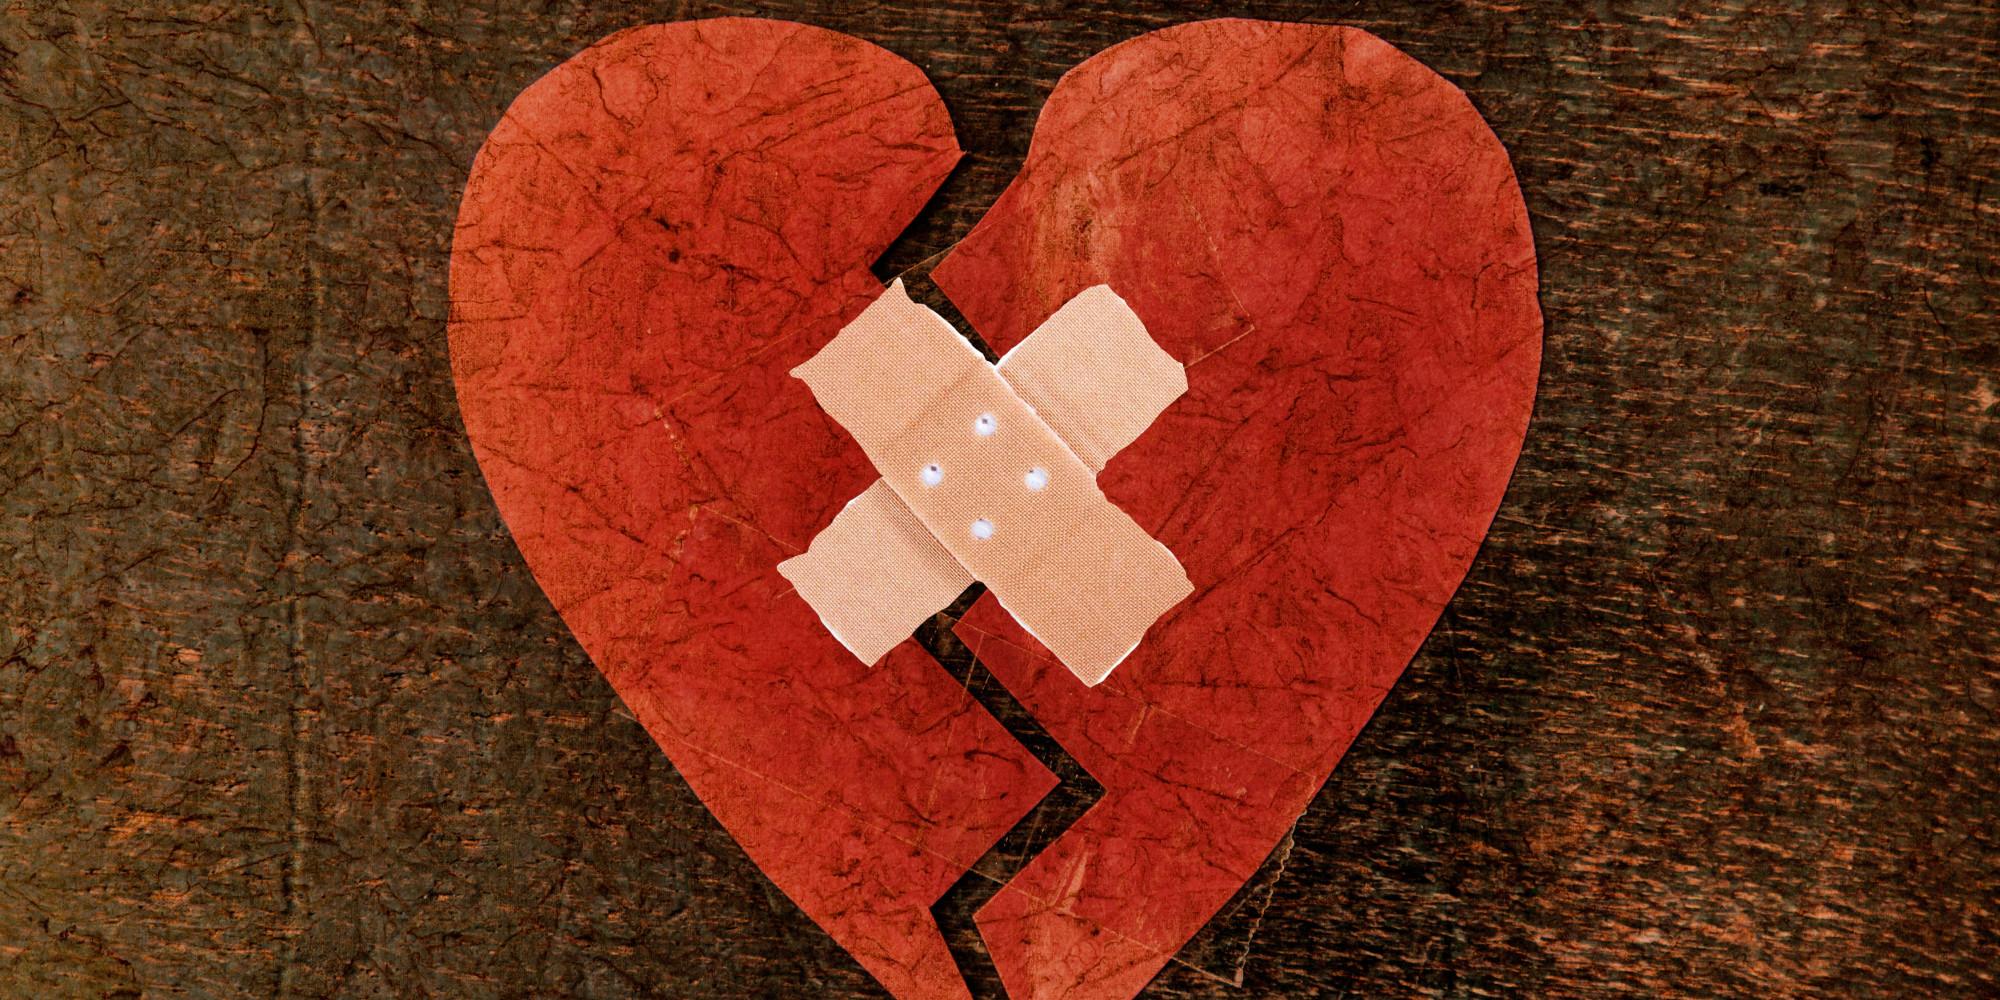 Broken Heart Animation Wallpaper Broken Heart Wallpapers Pictures Images